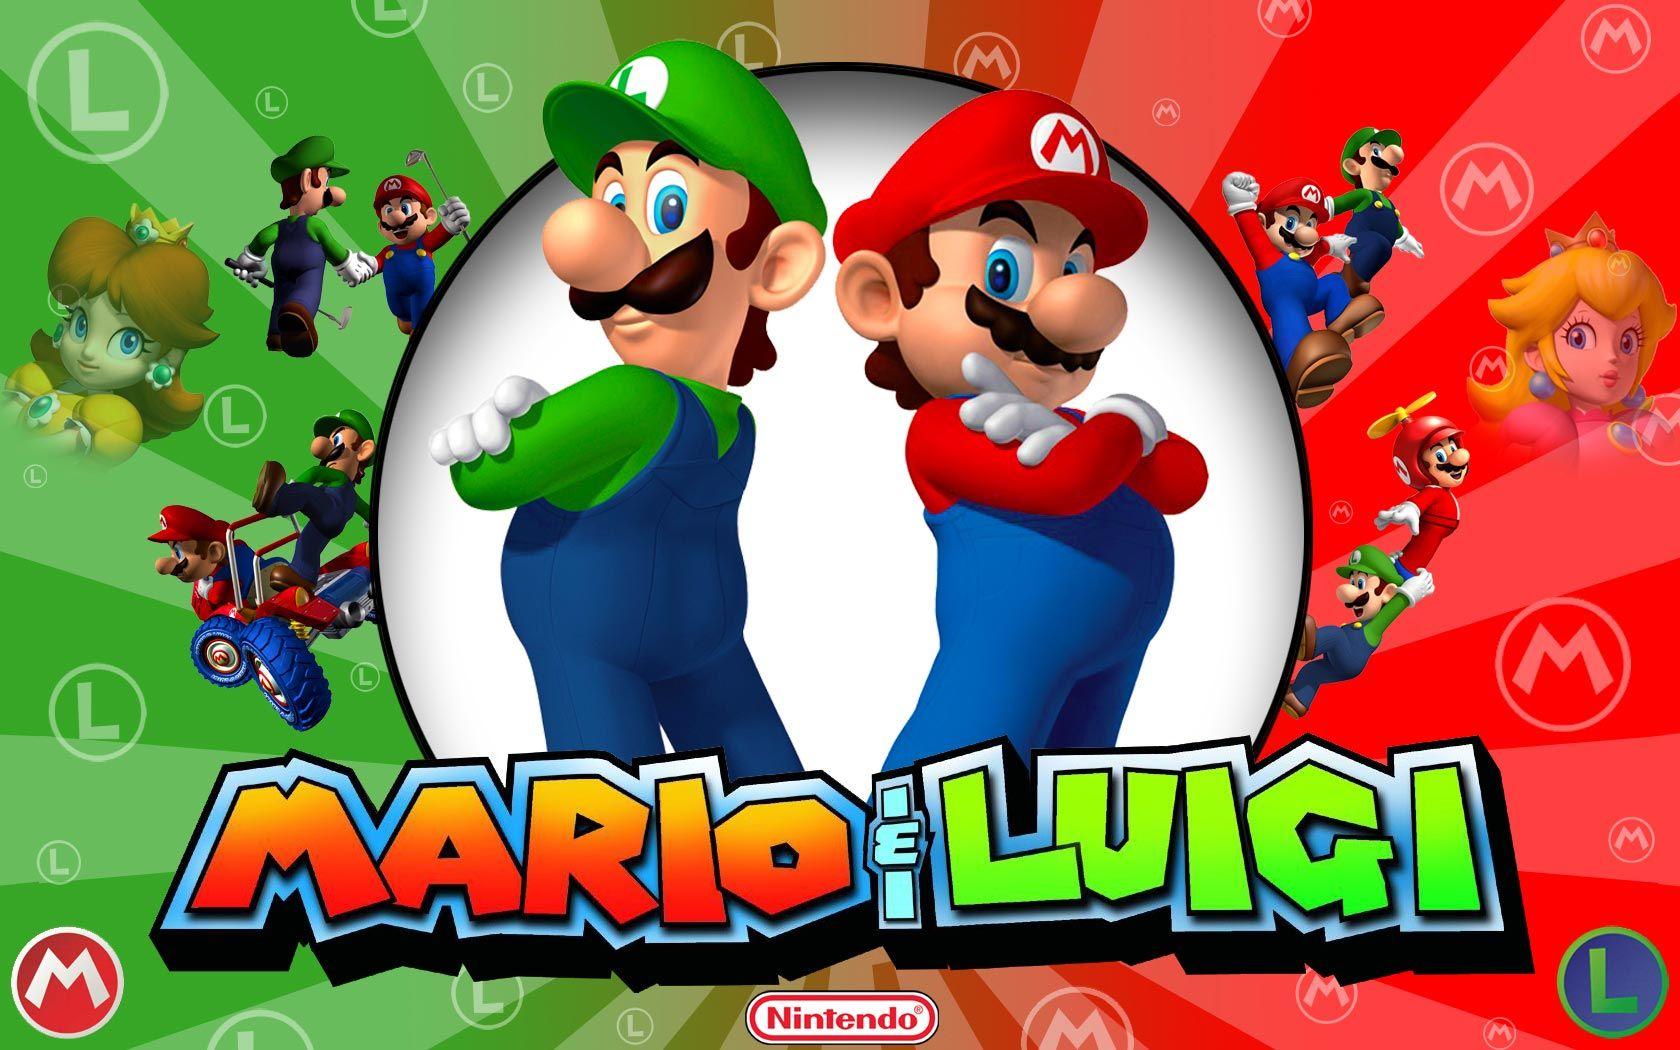 Mario And Luigi Canecas Personalizadas Mario Brothers